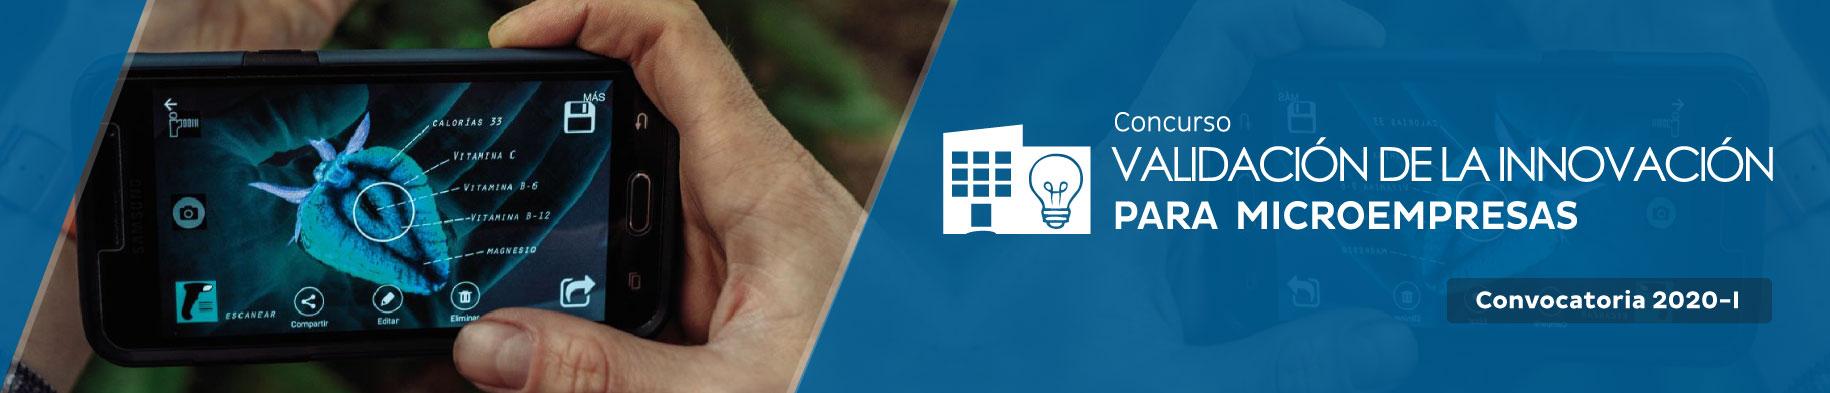 Validación de la Innovación para microempresas